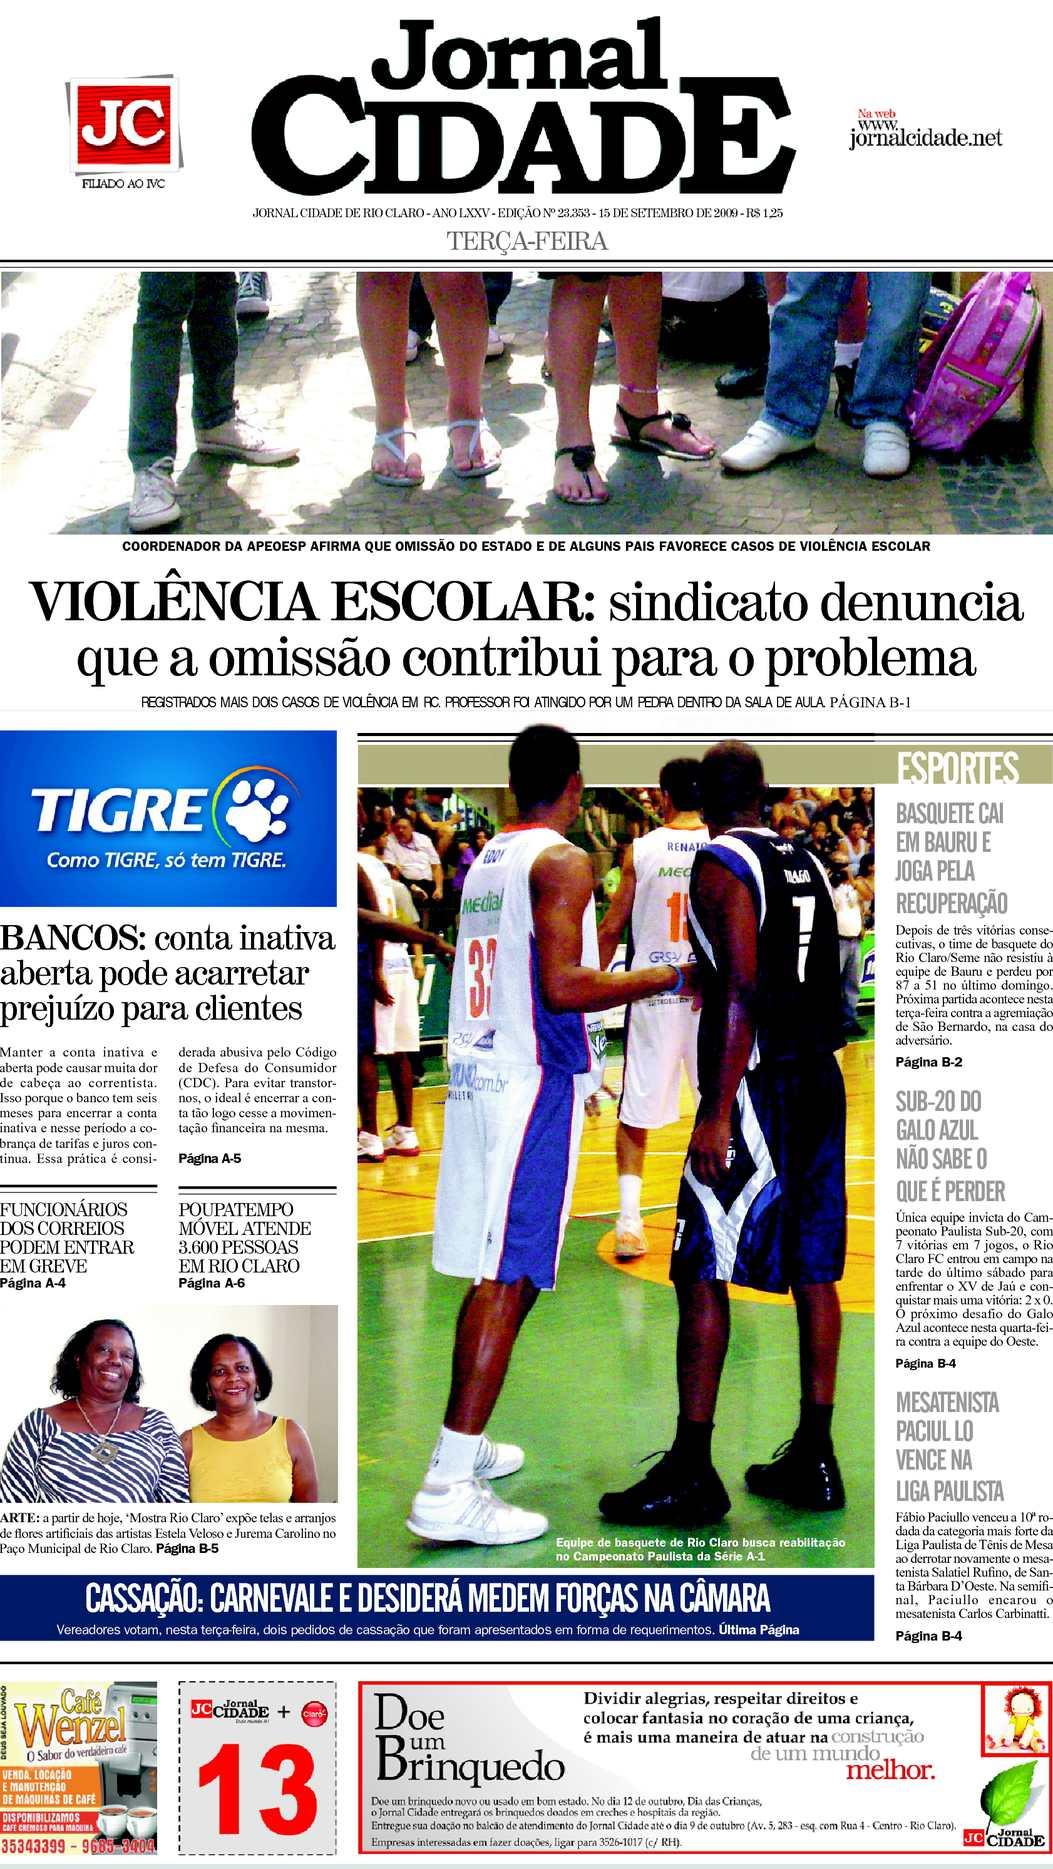 1a7015e249 Calaméo - Jornal Cidade de Rio Claro 15 09 2009